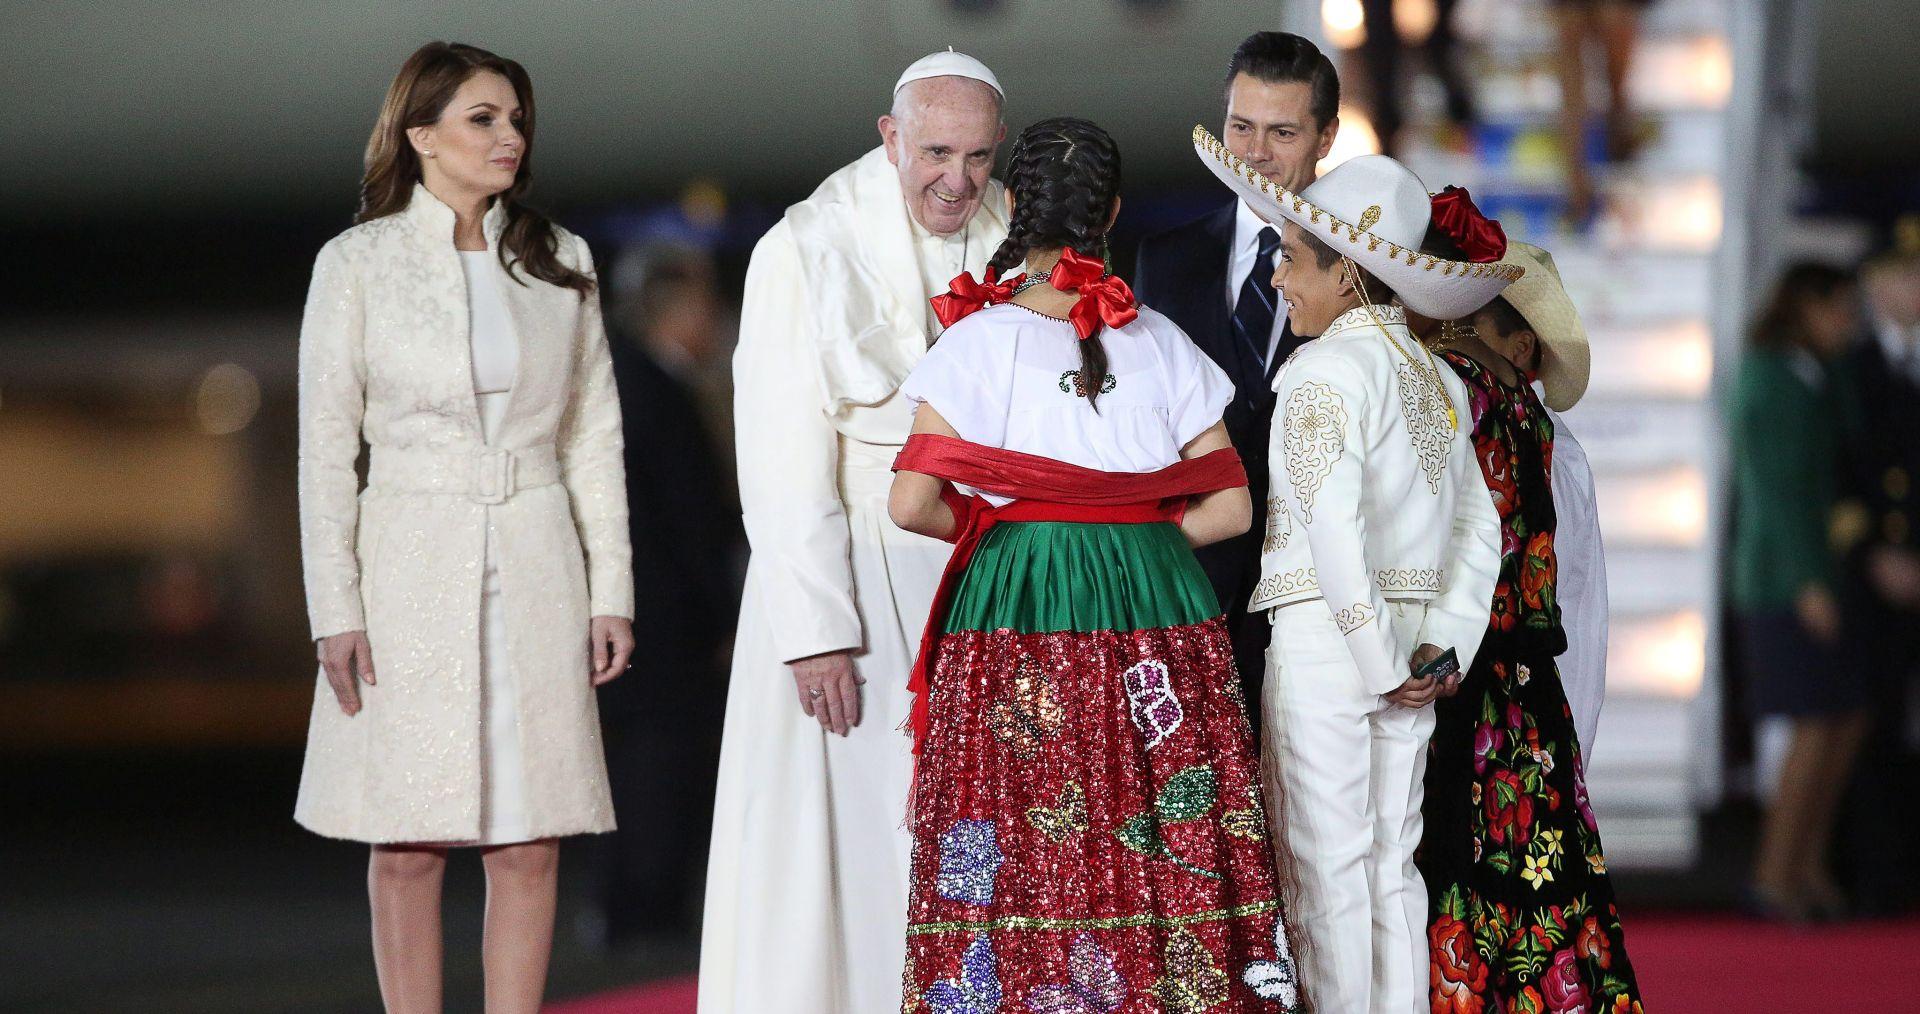 PAPA UPUTIO POZIV: Stvaranje Meksika bez emigracije i trgovaca smrti